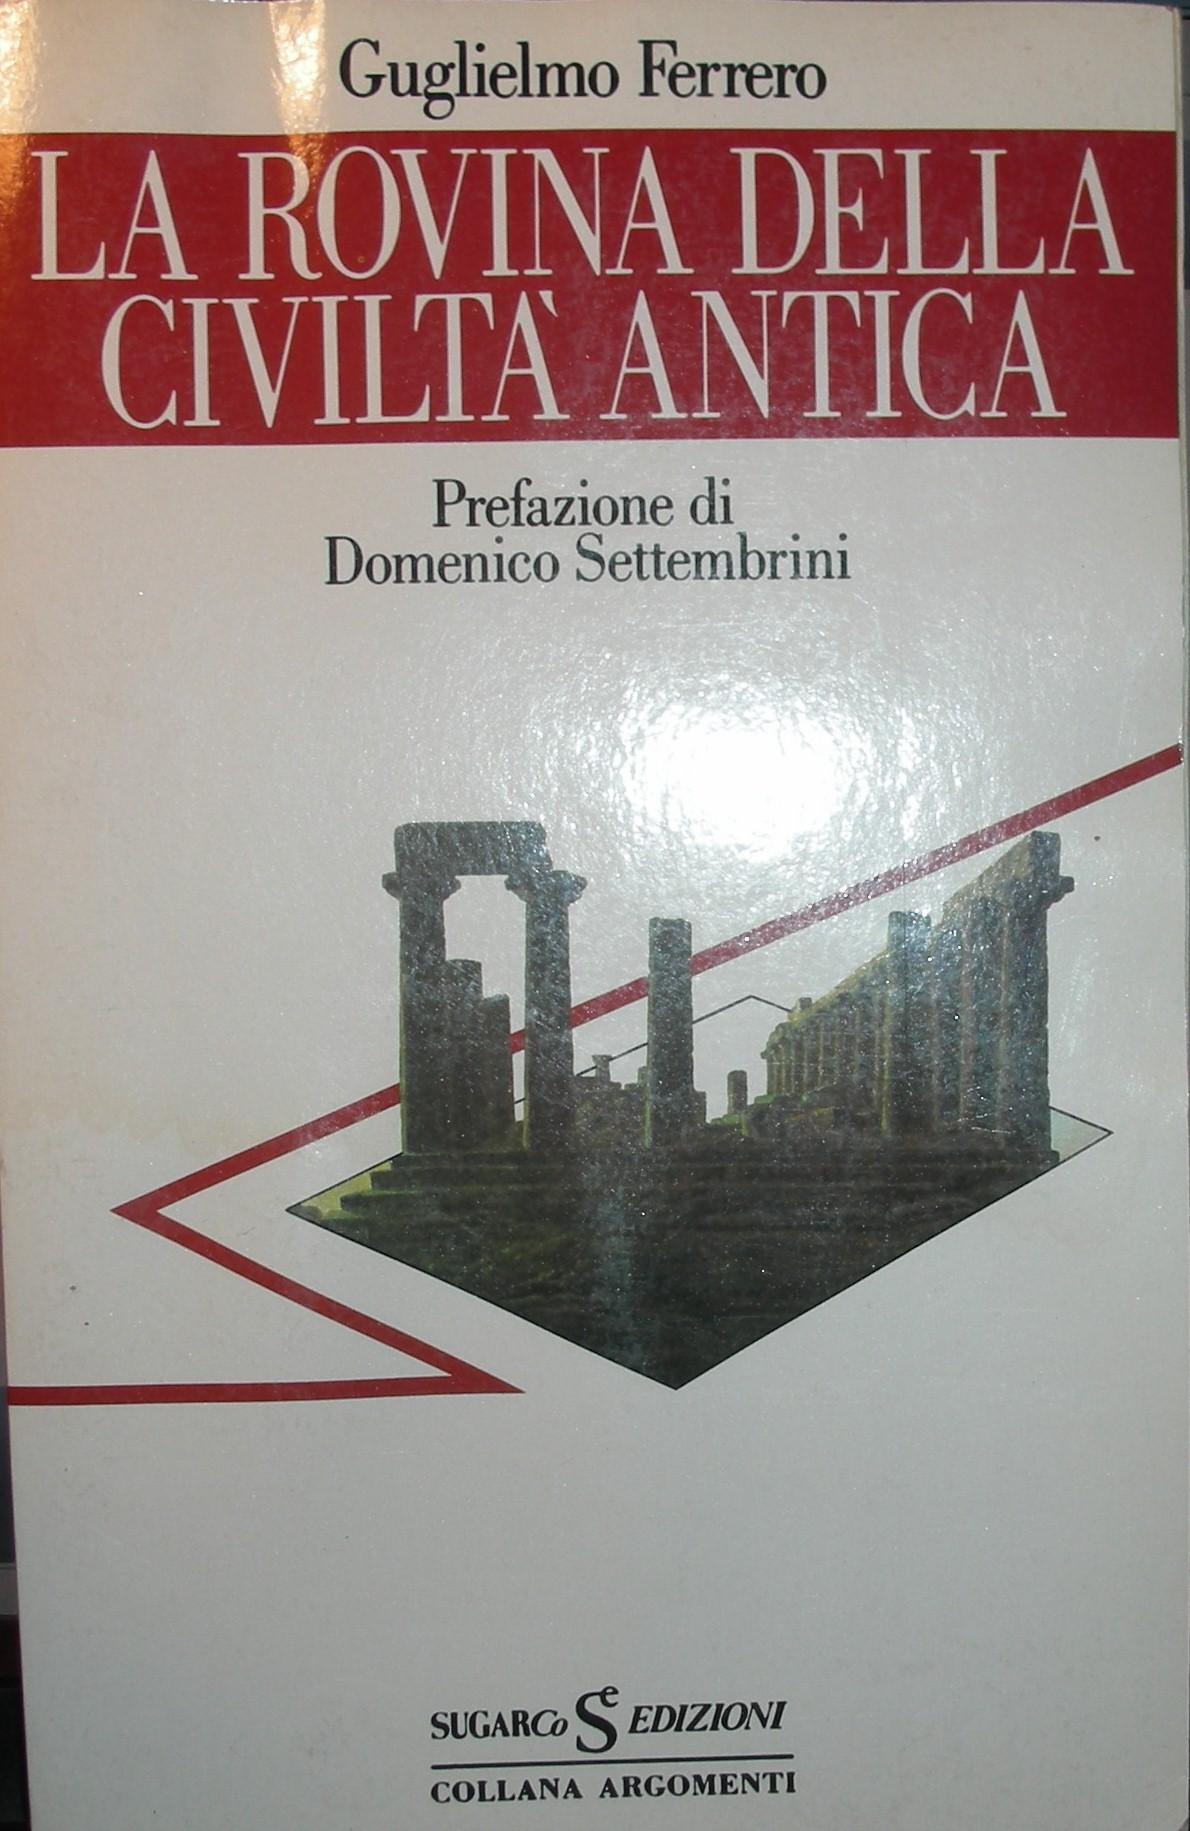 La rovina della civiltà antica